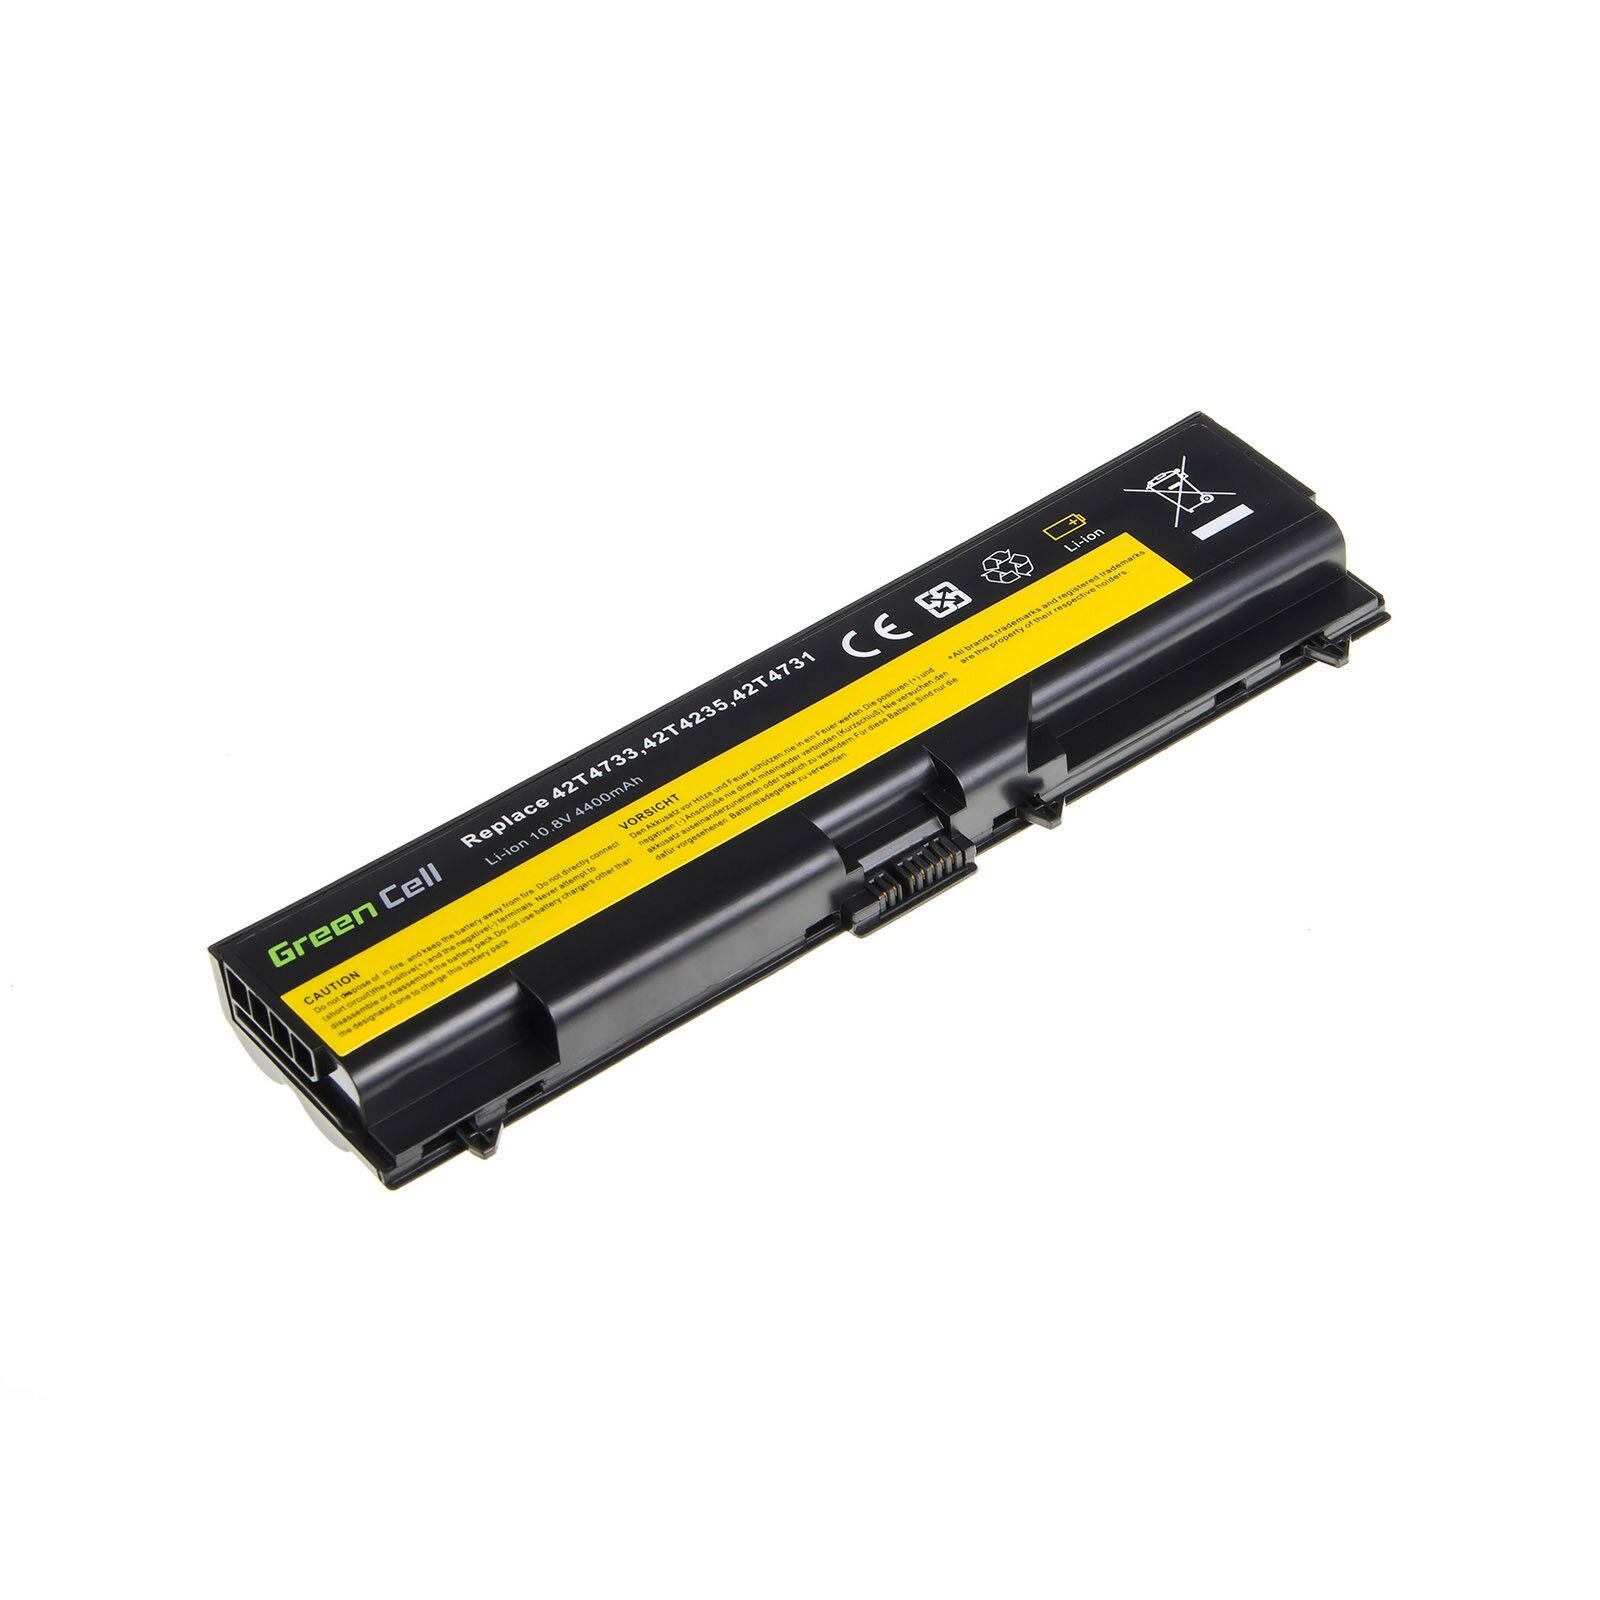 Batterie pour Lenovo Thinkpad T530 T430 W530 L530 L430 42T4235 57Y4186 0A36302(compatible)